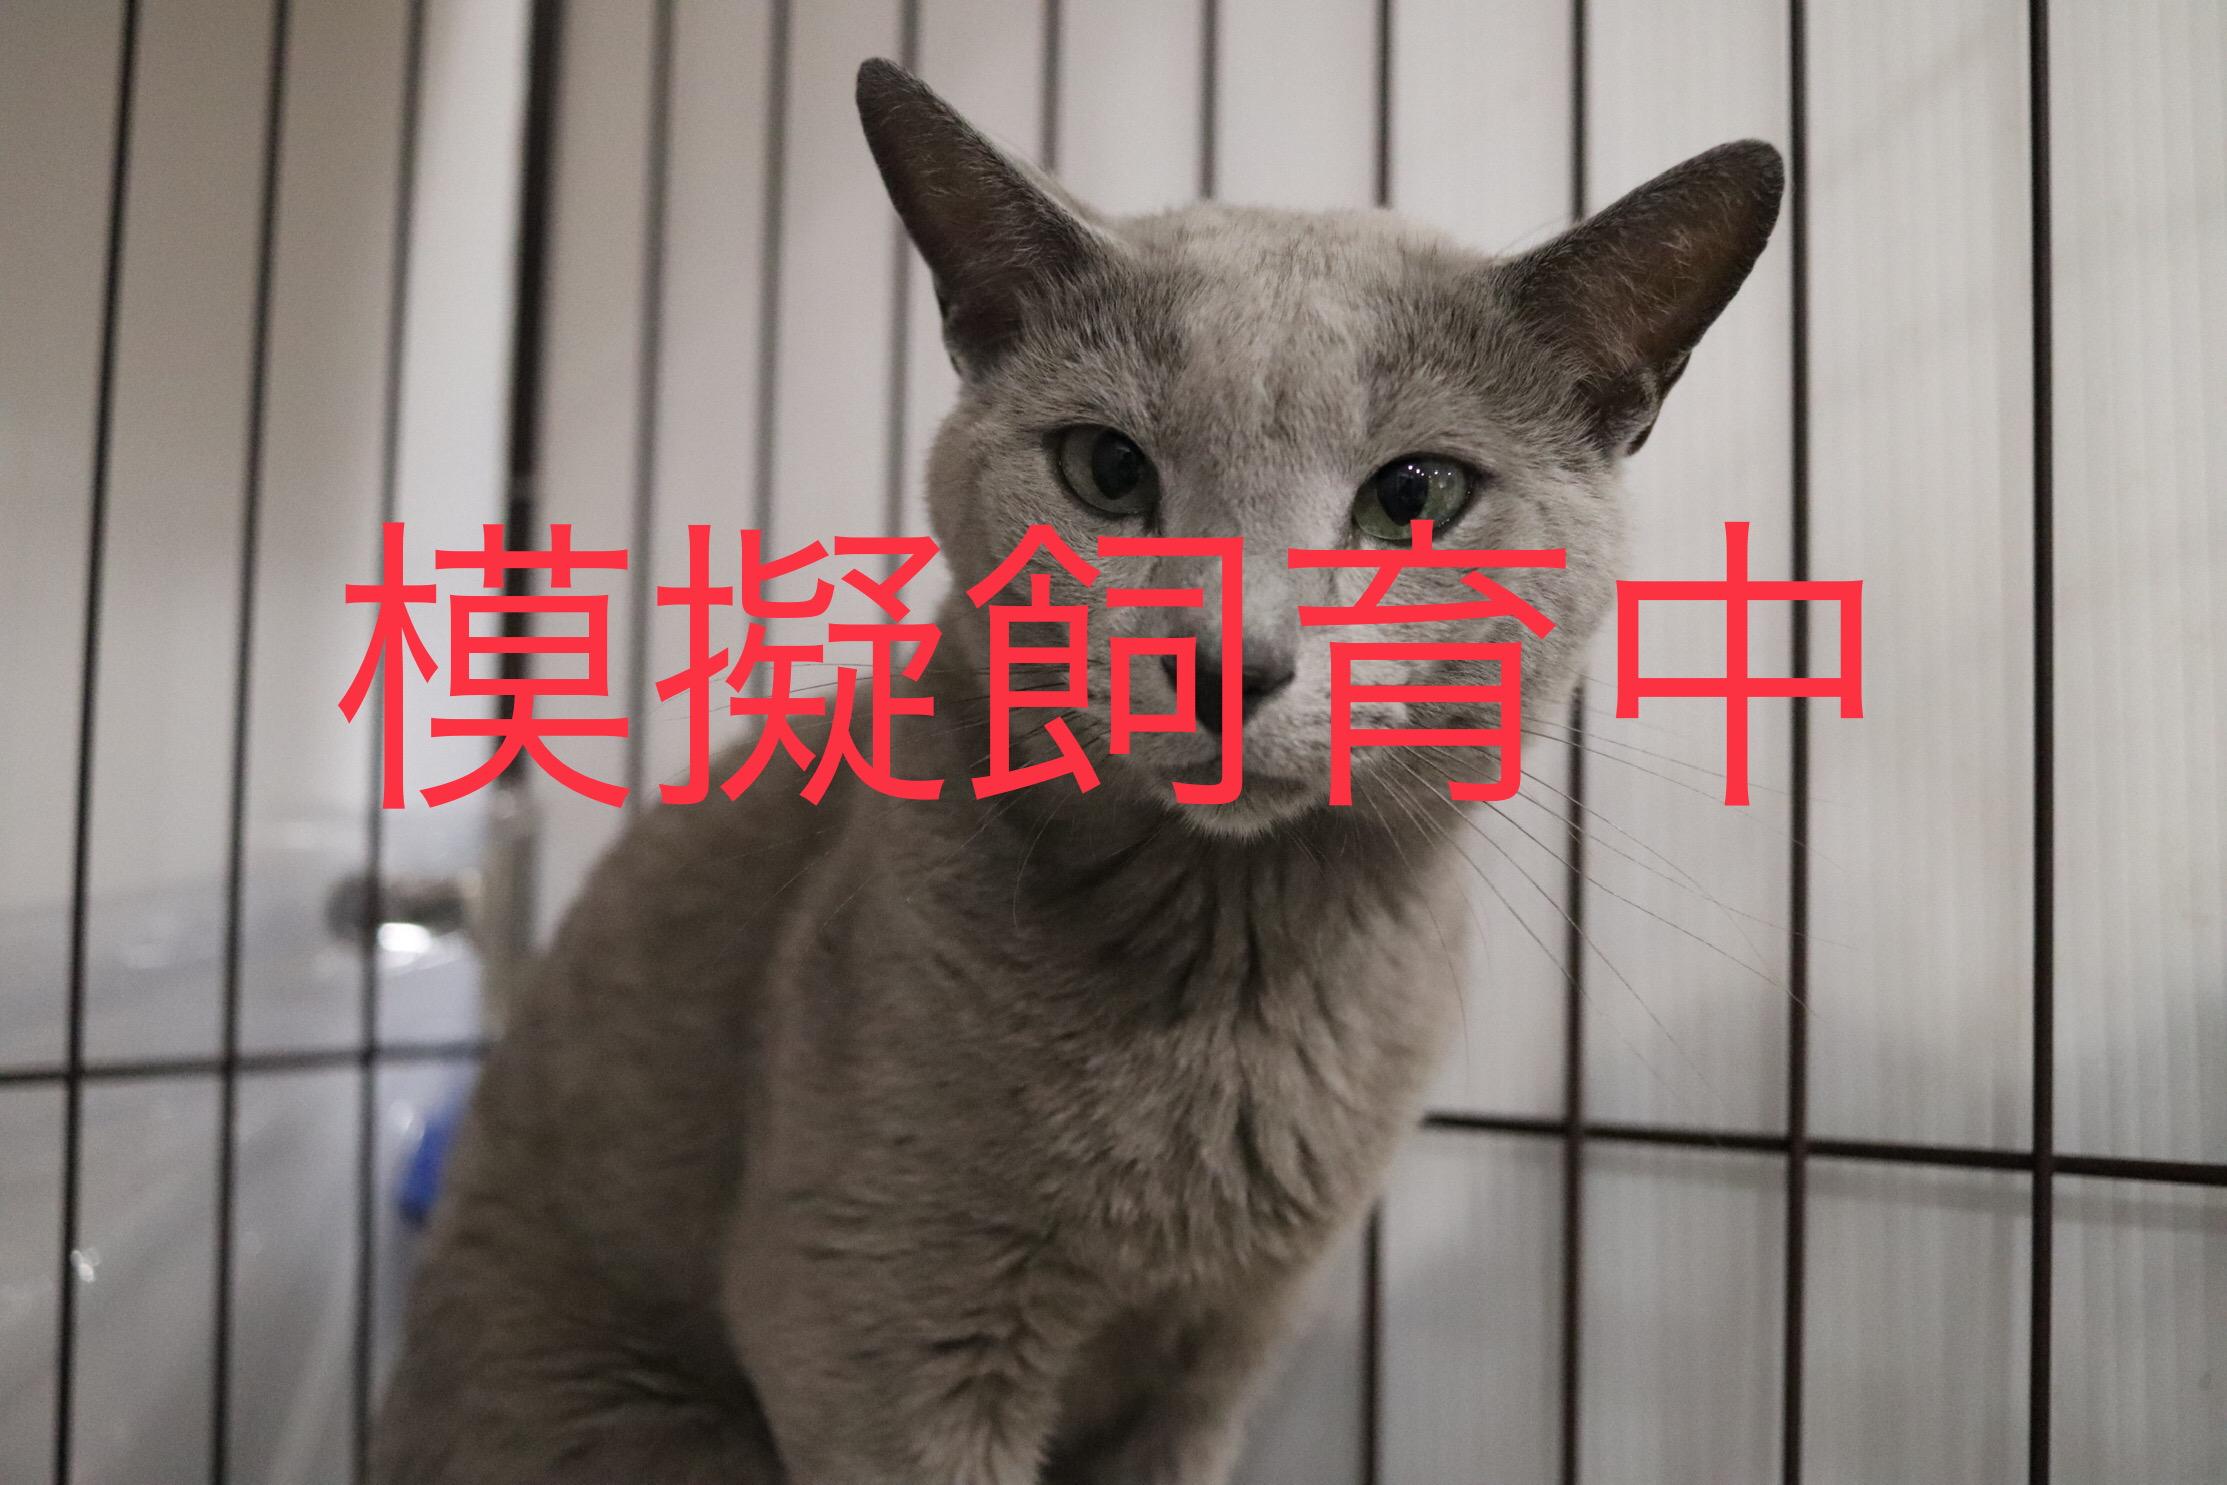 <ul> <li>猫種:ロシアンブルー系雑種</li> <li>性別:男の子</li> <li>名前:りゅう</li> <li>年齢:2016年3月頃生まれ</li> <li>保護経緯:家族にアレルギーが発症したため飼育困難になりました</li> </ul>